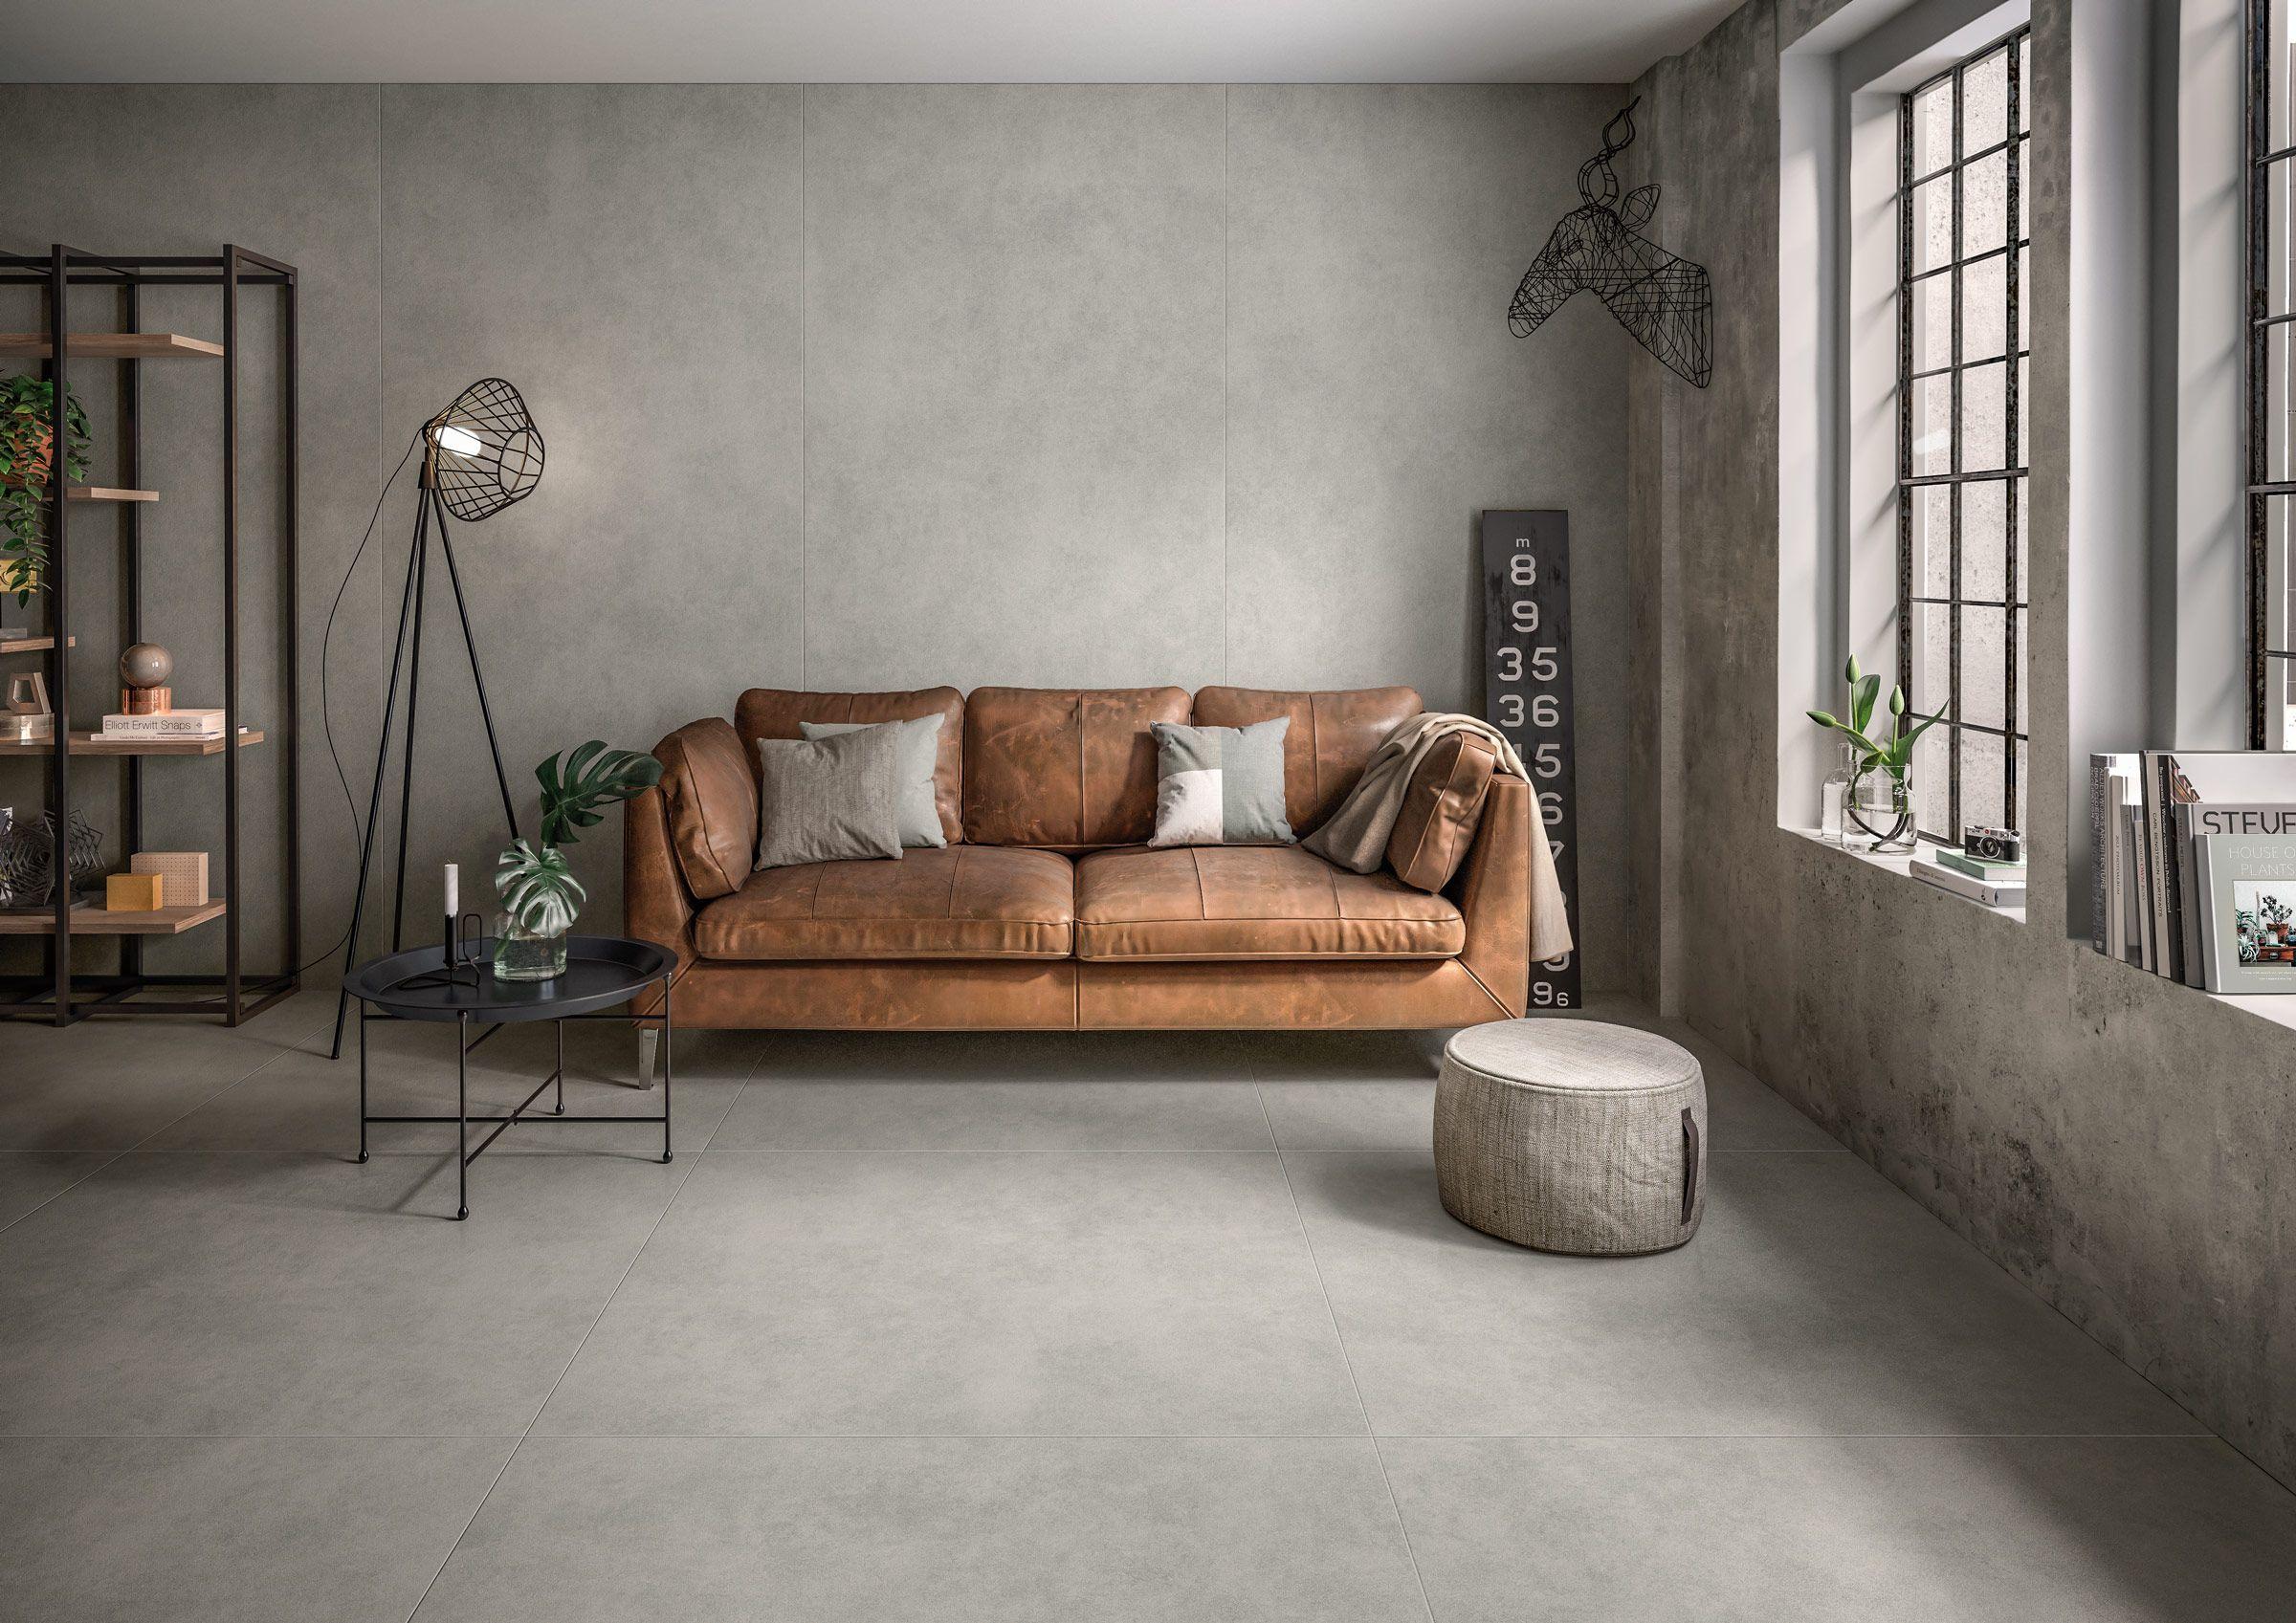 betonoptik durch großformatfliesen im wohnzimmer